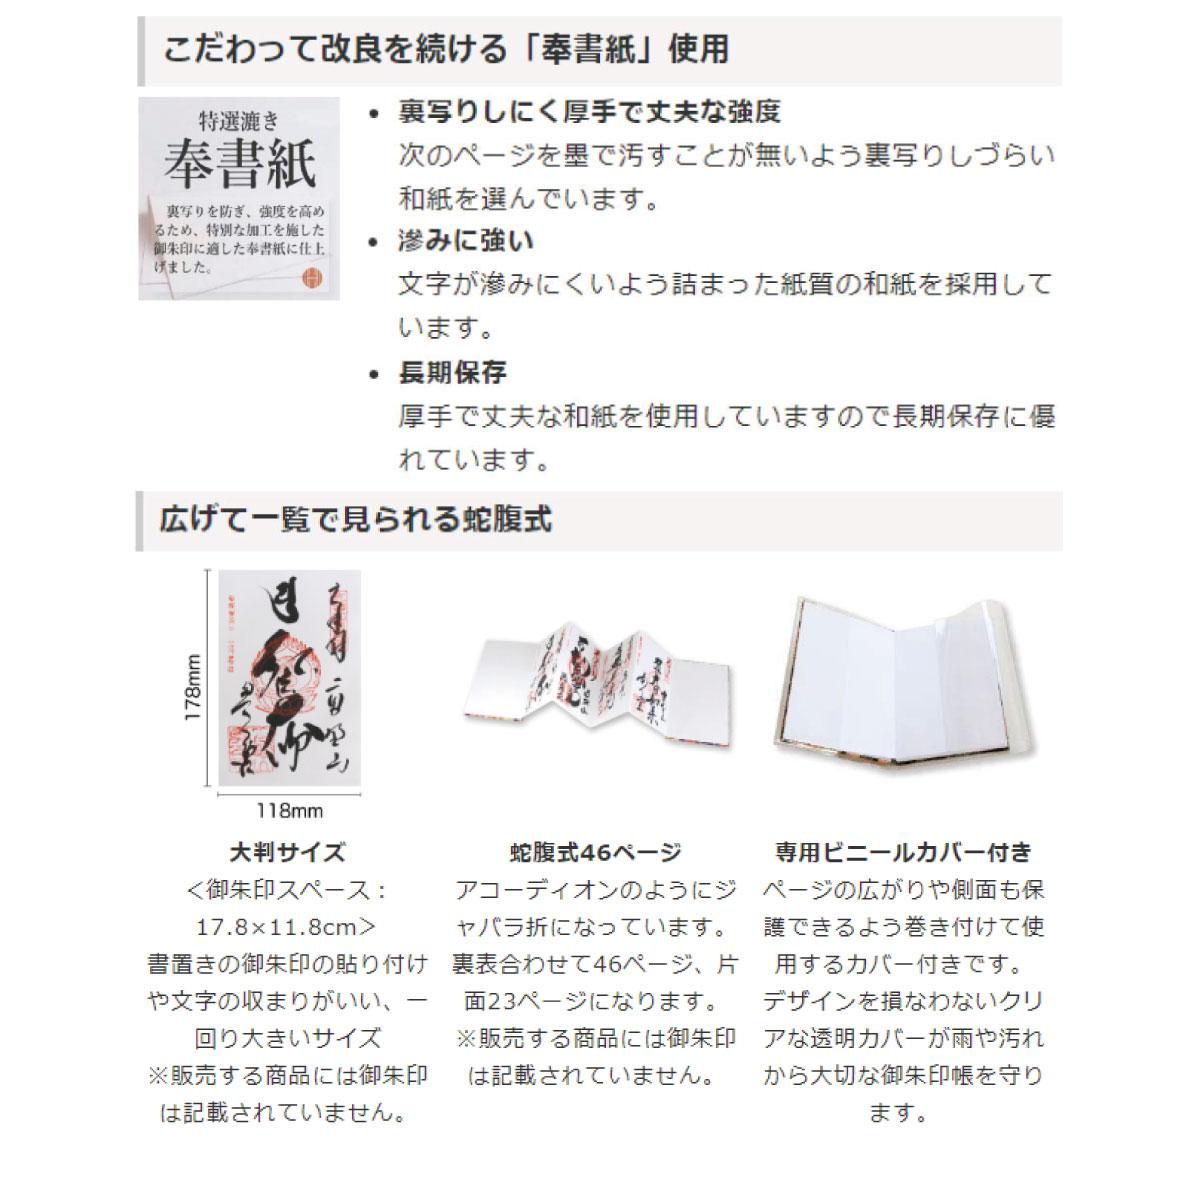 御朱印帳蛇腹式46ページ大判サイズ